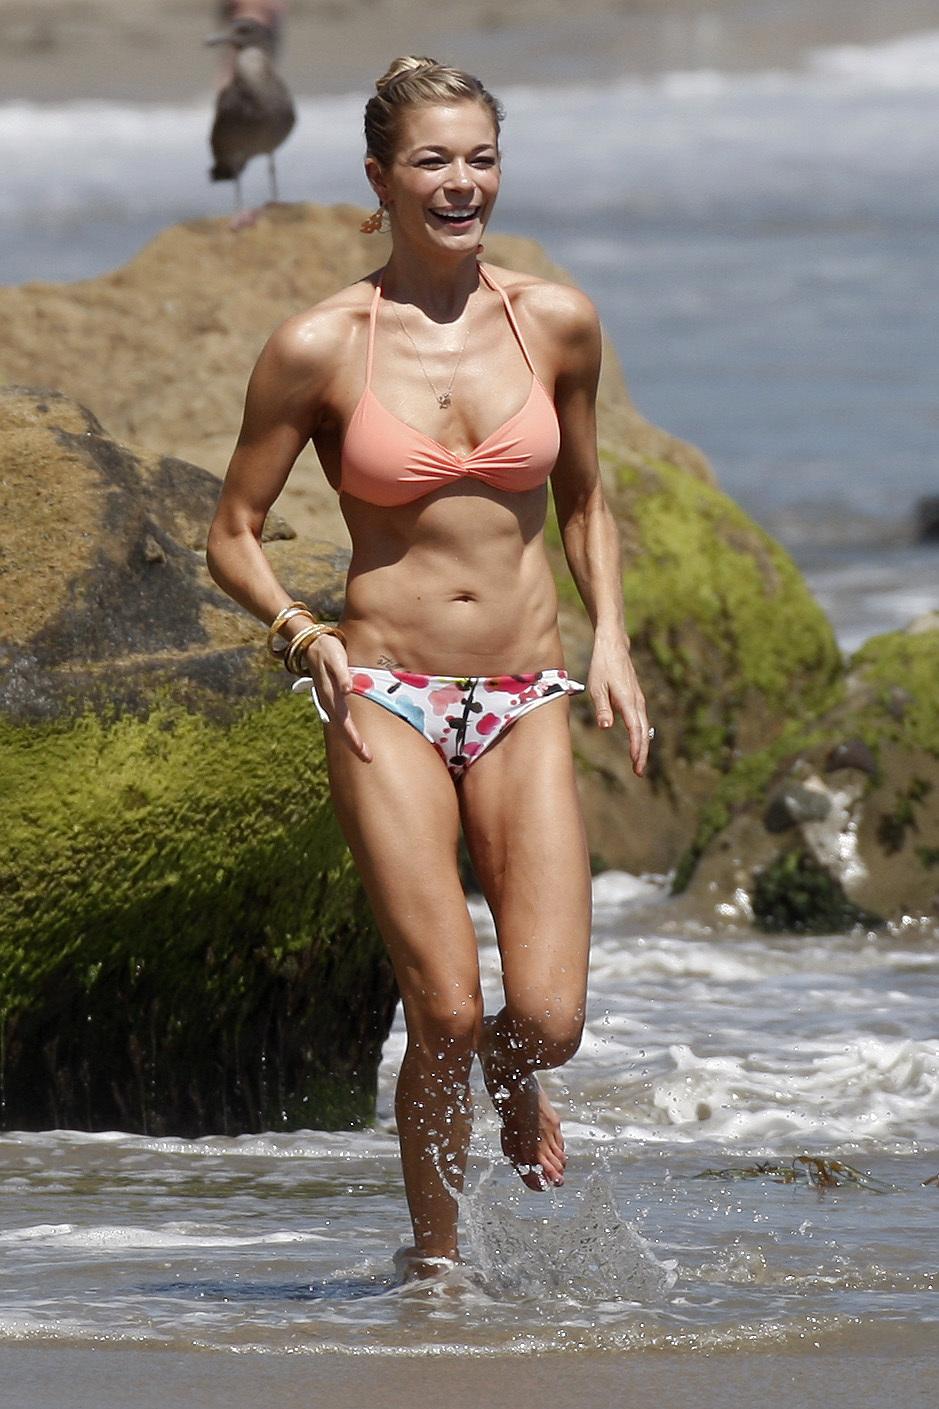 leann rimes bikini